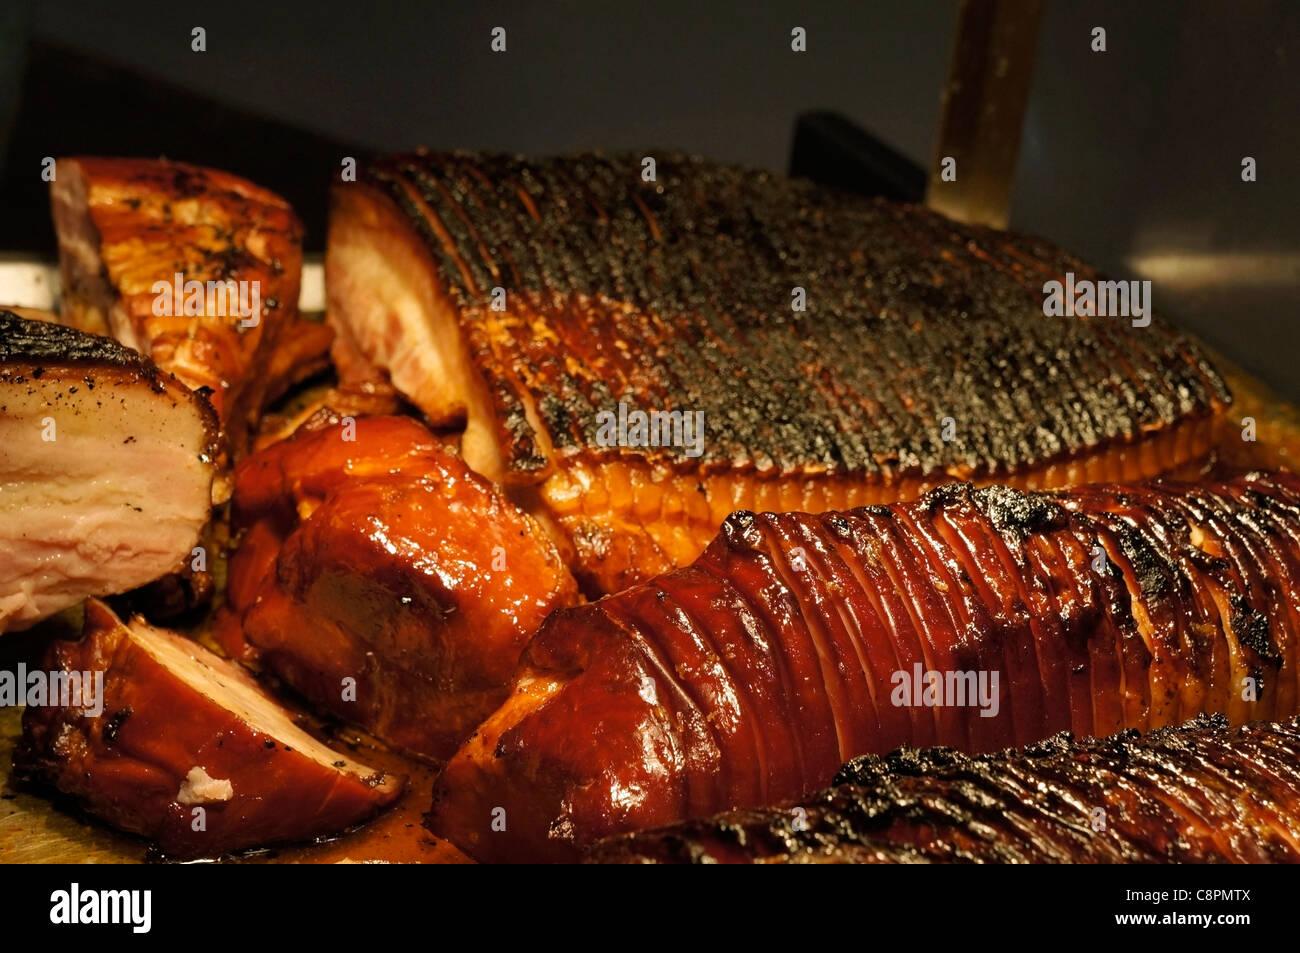 Jambon rôti, tranches de bacon carbonisé dans un deli Photo Stock